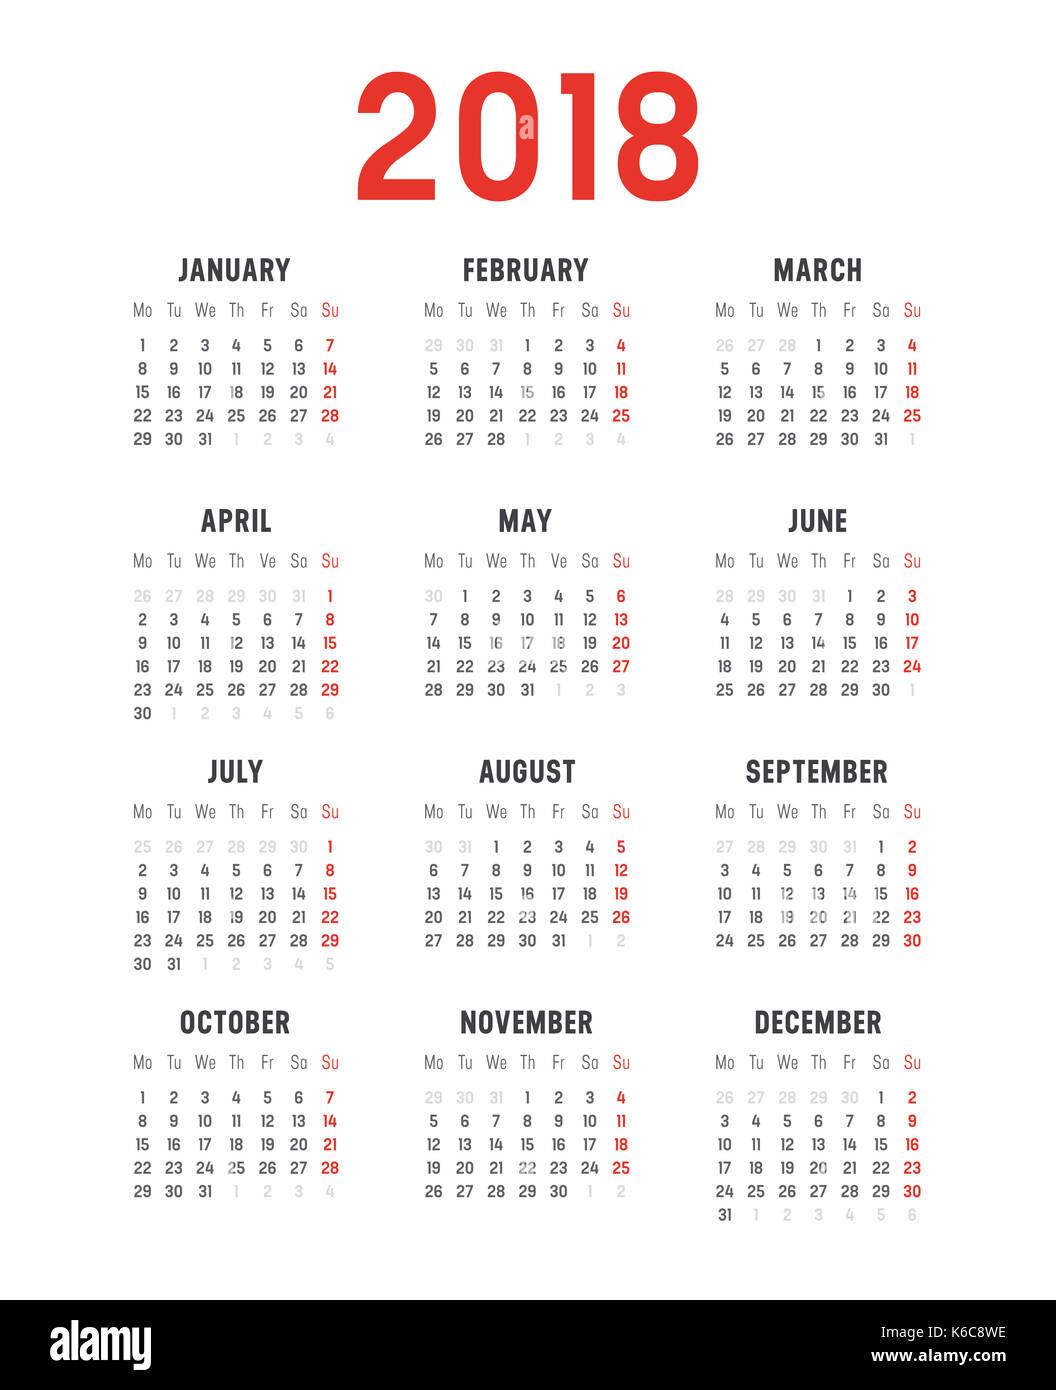 Año 2018 Calendario minimalista, sobre fondo blanco. Plantilla vectorial - semanas empiezan el lunes Imagen De Stock